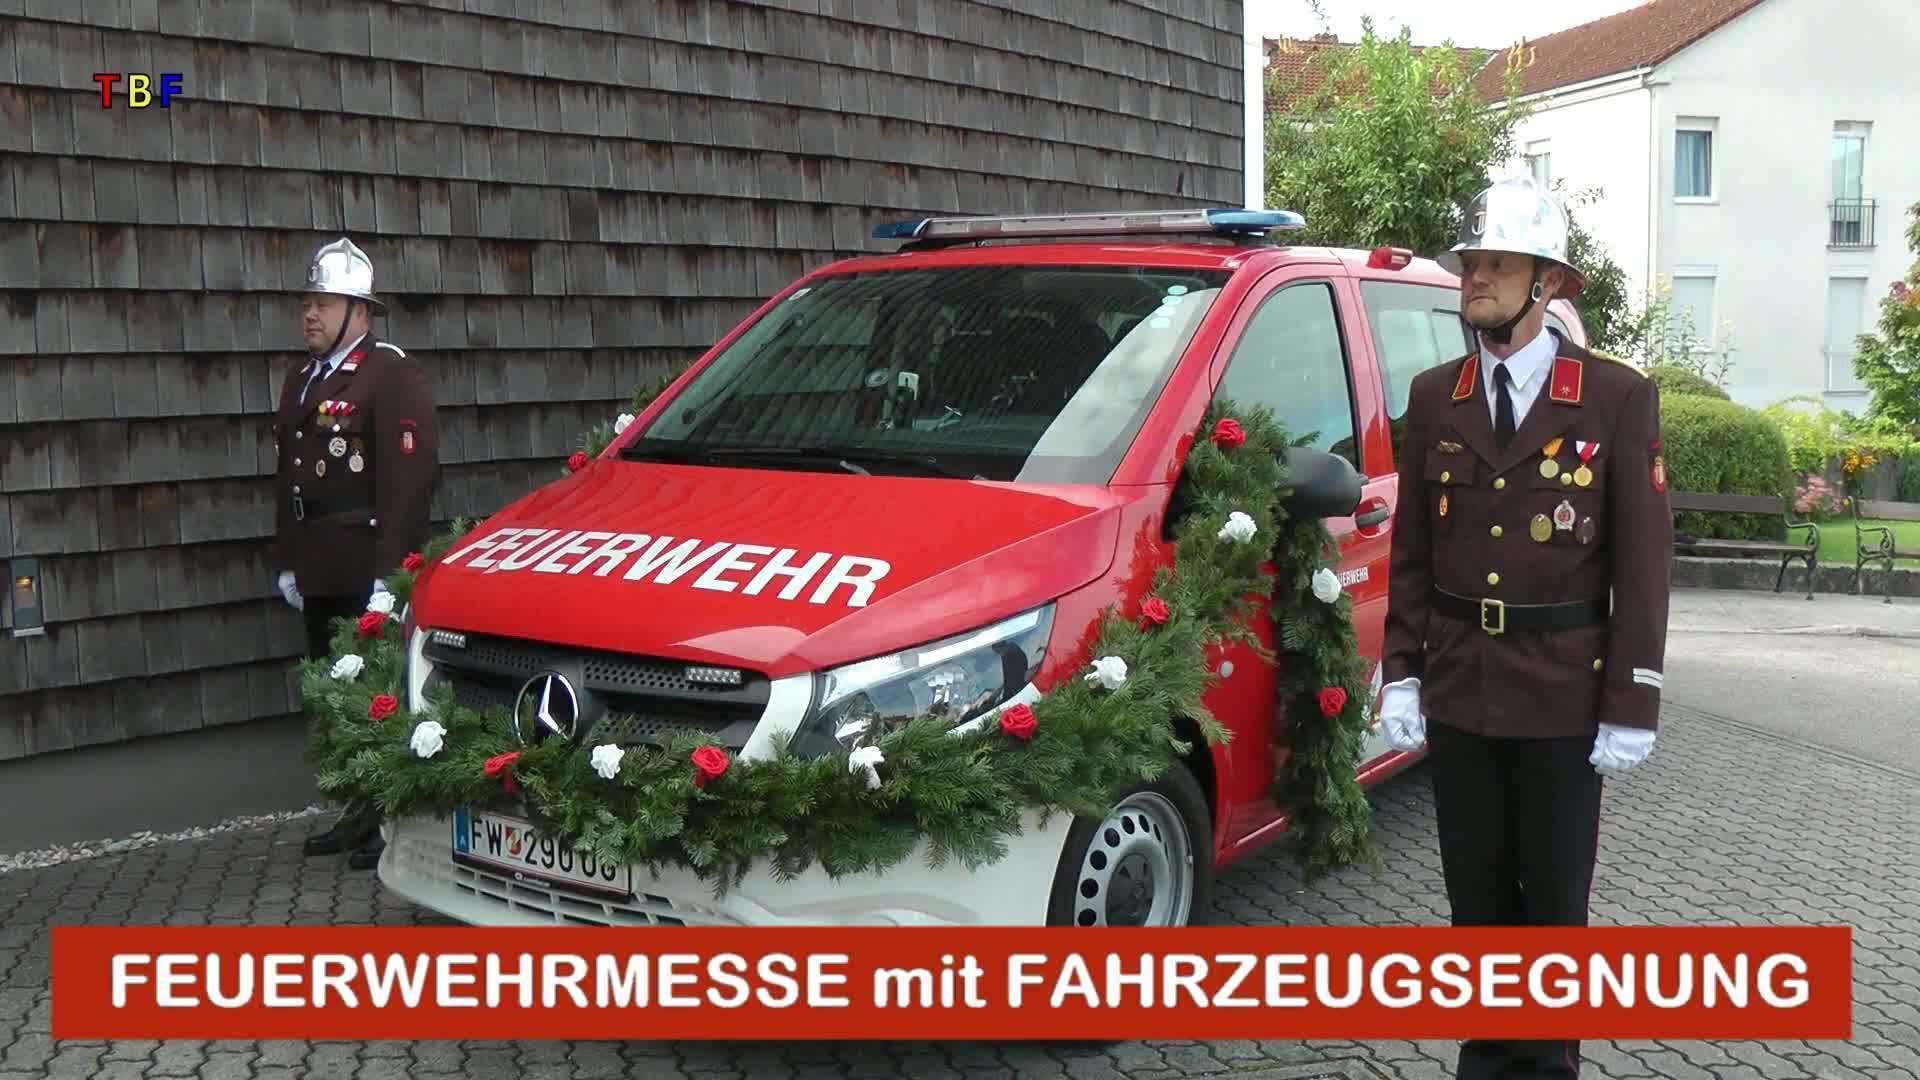 Feuerwehrmesse mit Fahrzeugsegnung